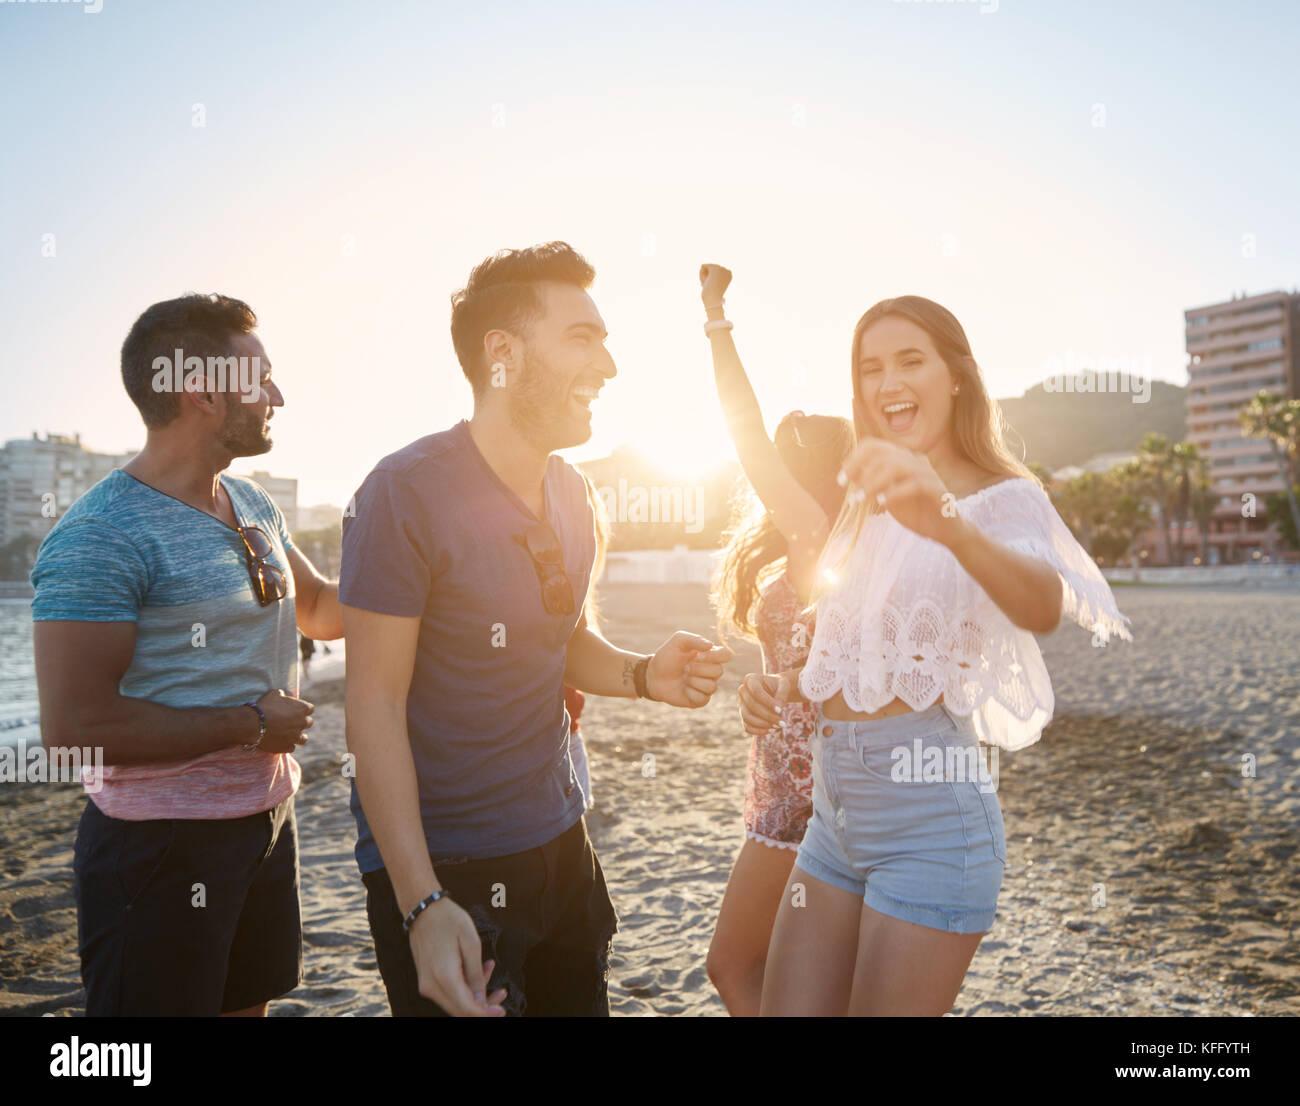 Retrato de joven mujer bonita bailando con amigos en la playa Imagen De Stock